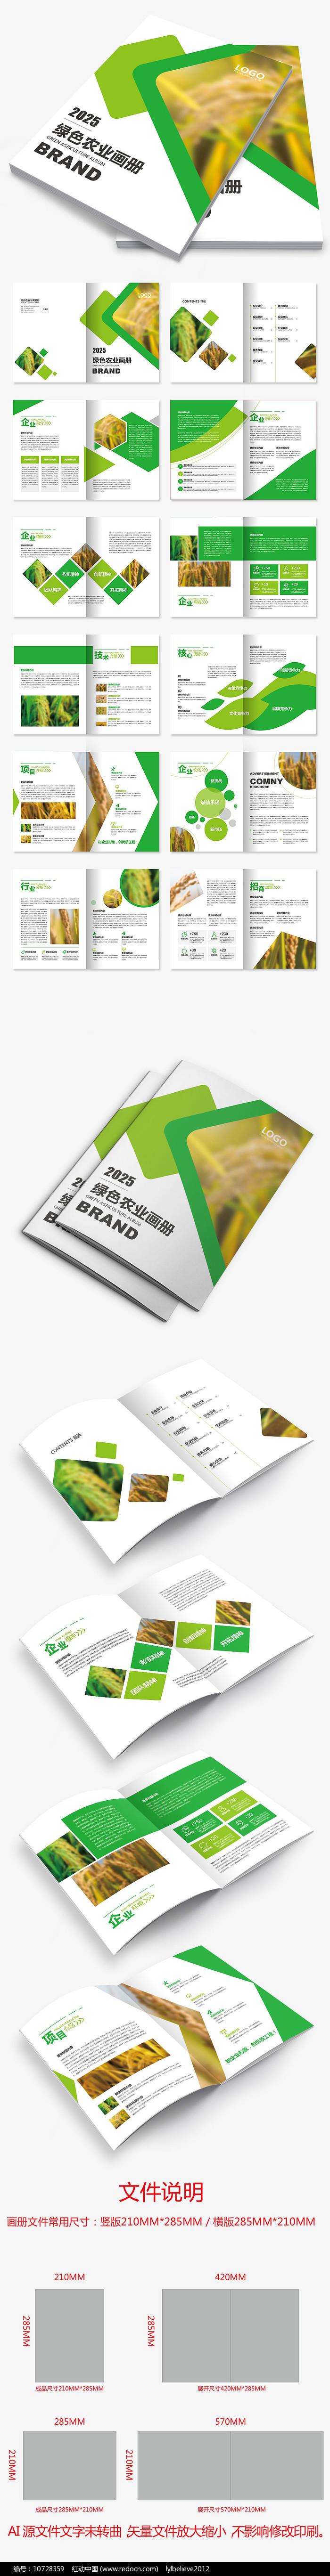 绿色农业农产品清新健康环保画册图片